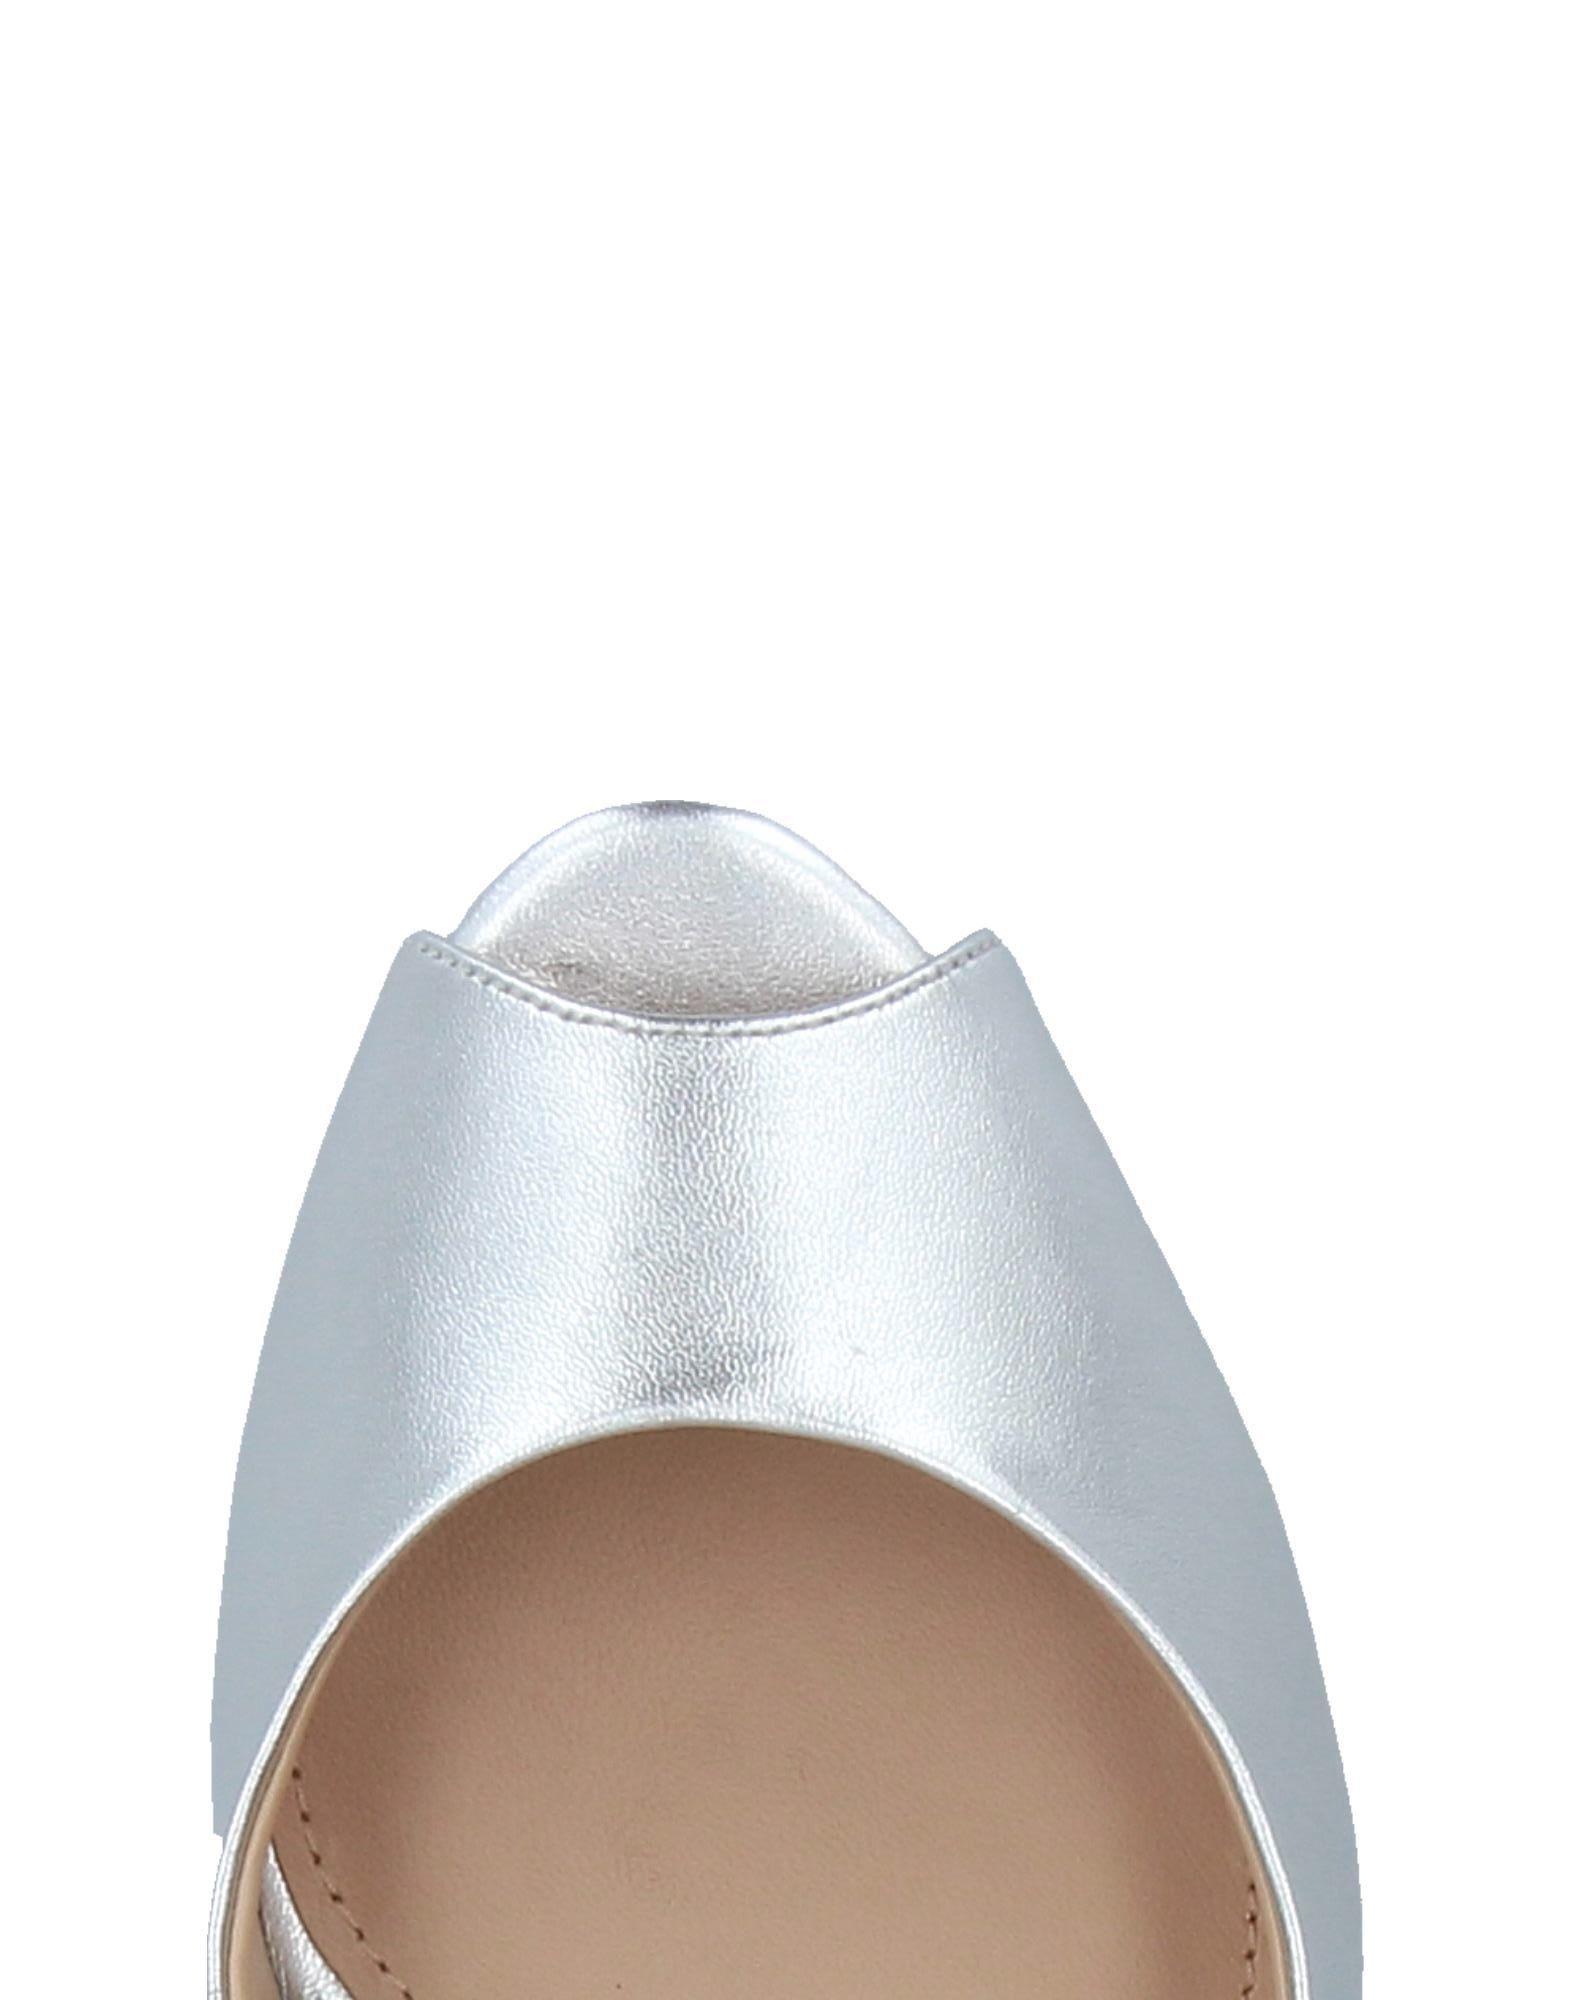 Guess Sandalen lohnt Damen Gutes Preis-Leistungs-Verhältnis, es lohnt Sandalen sich 5228 cf44b6